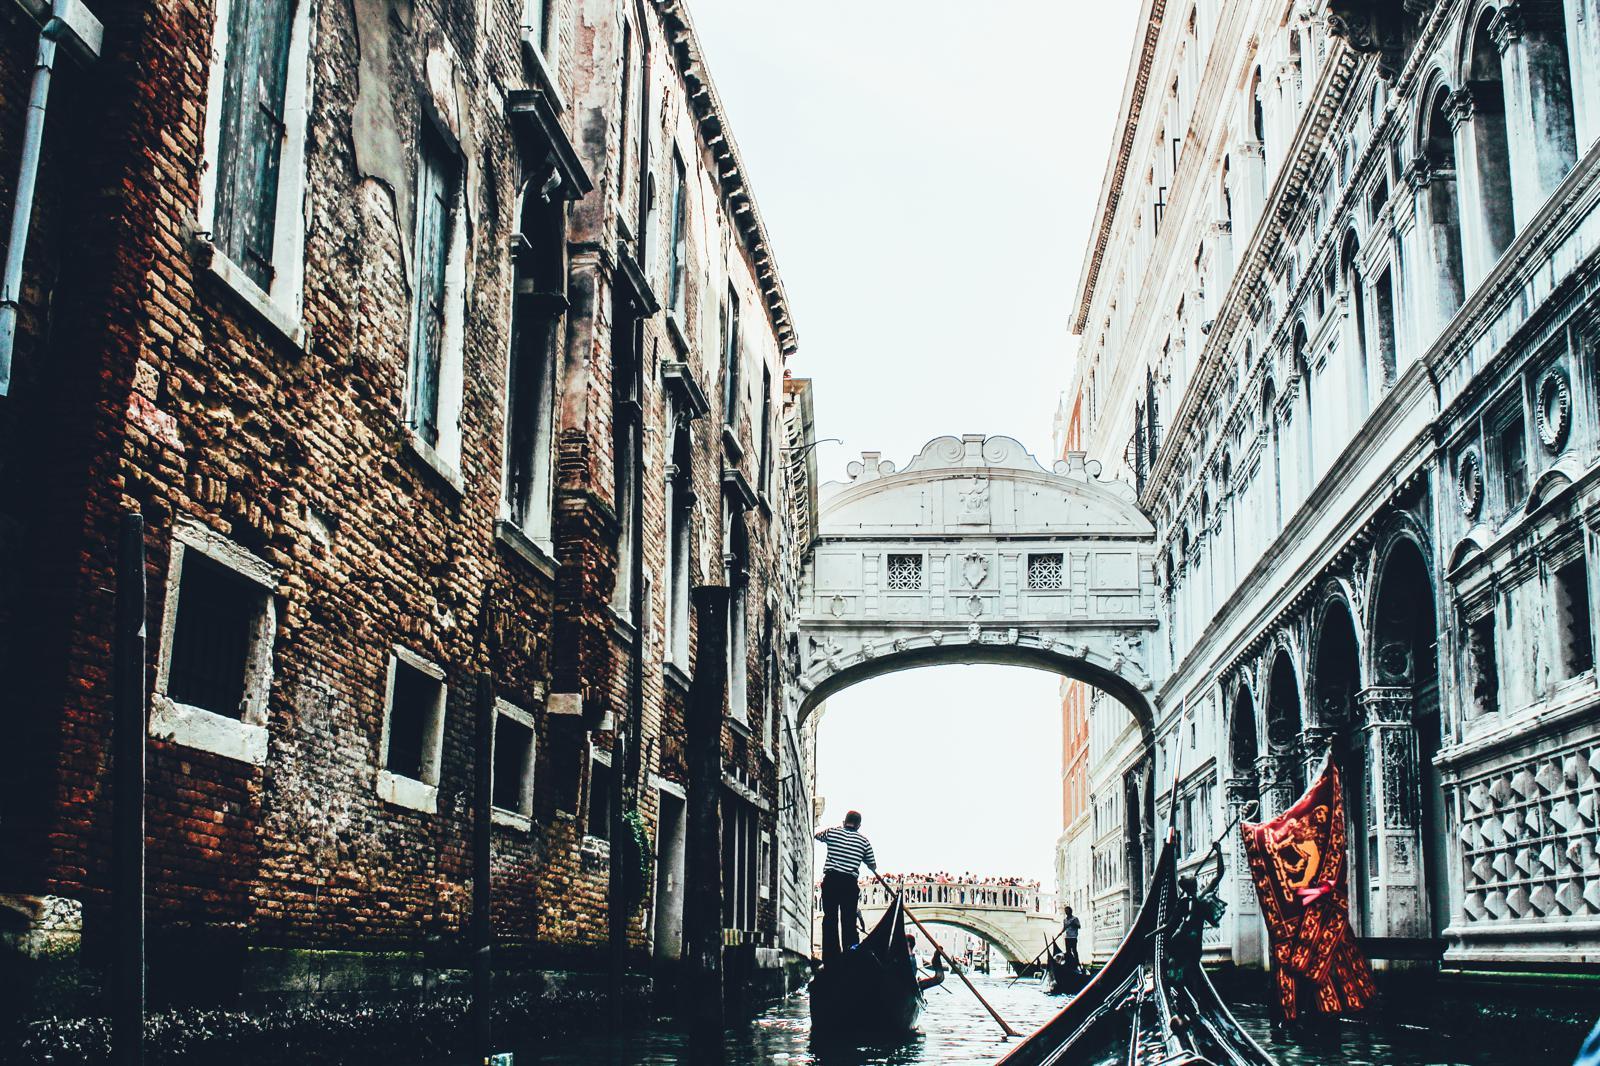 Venice - A Photo Diary. Italy, Europe (19)